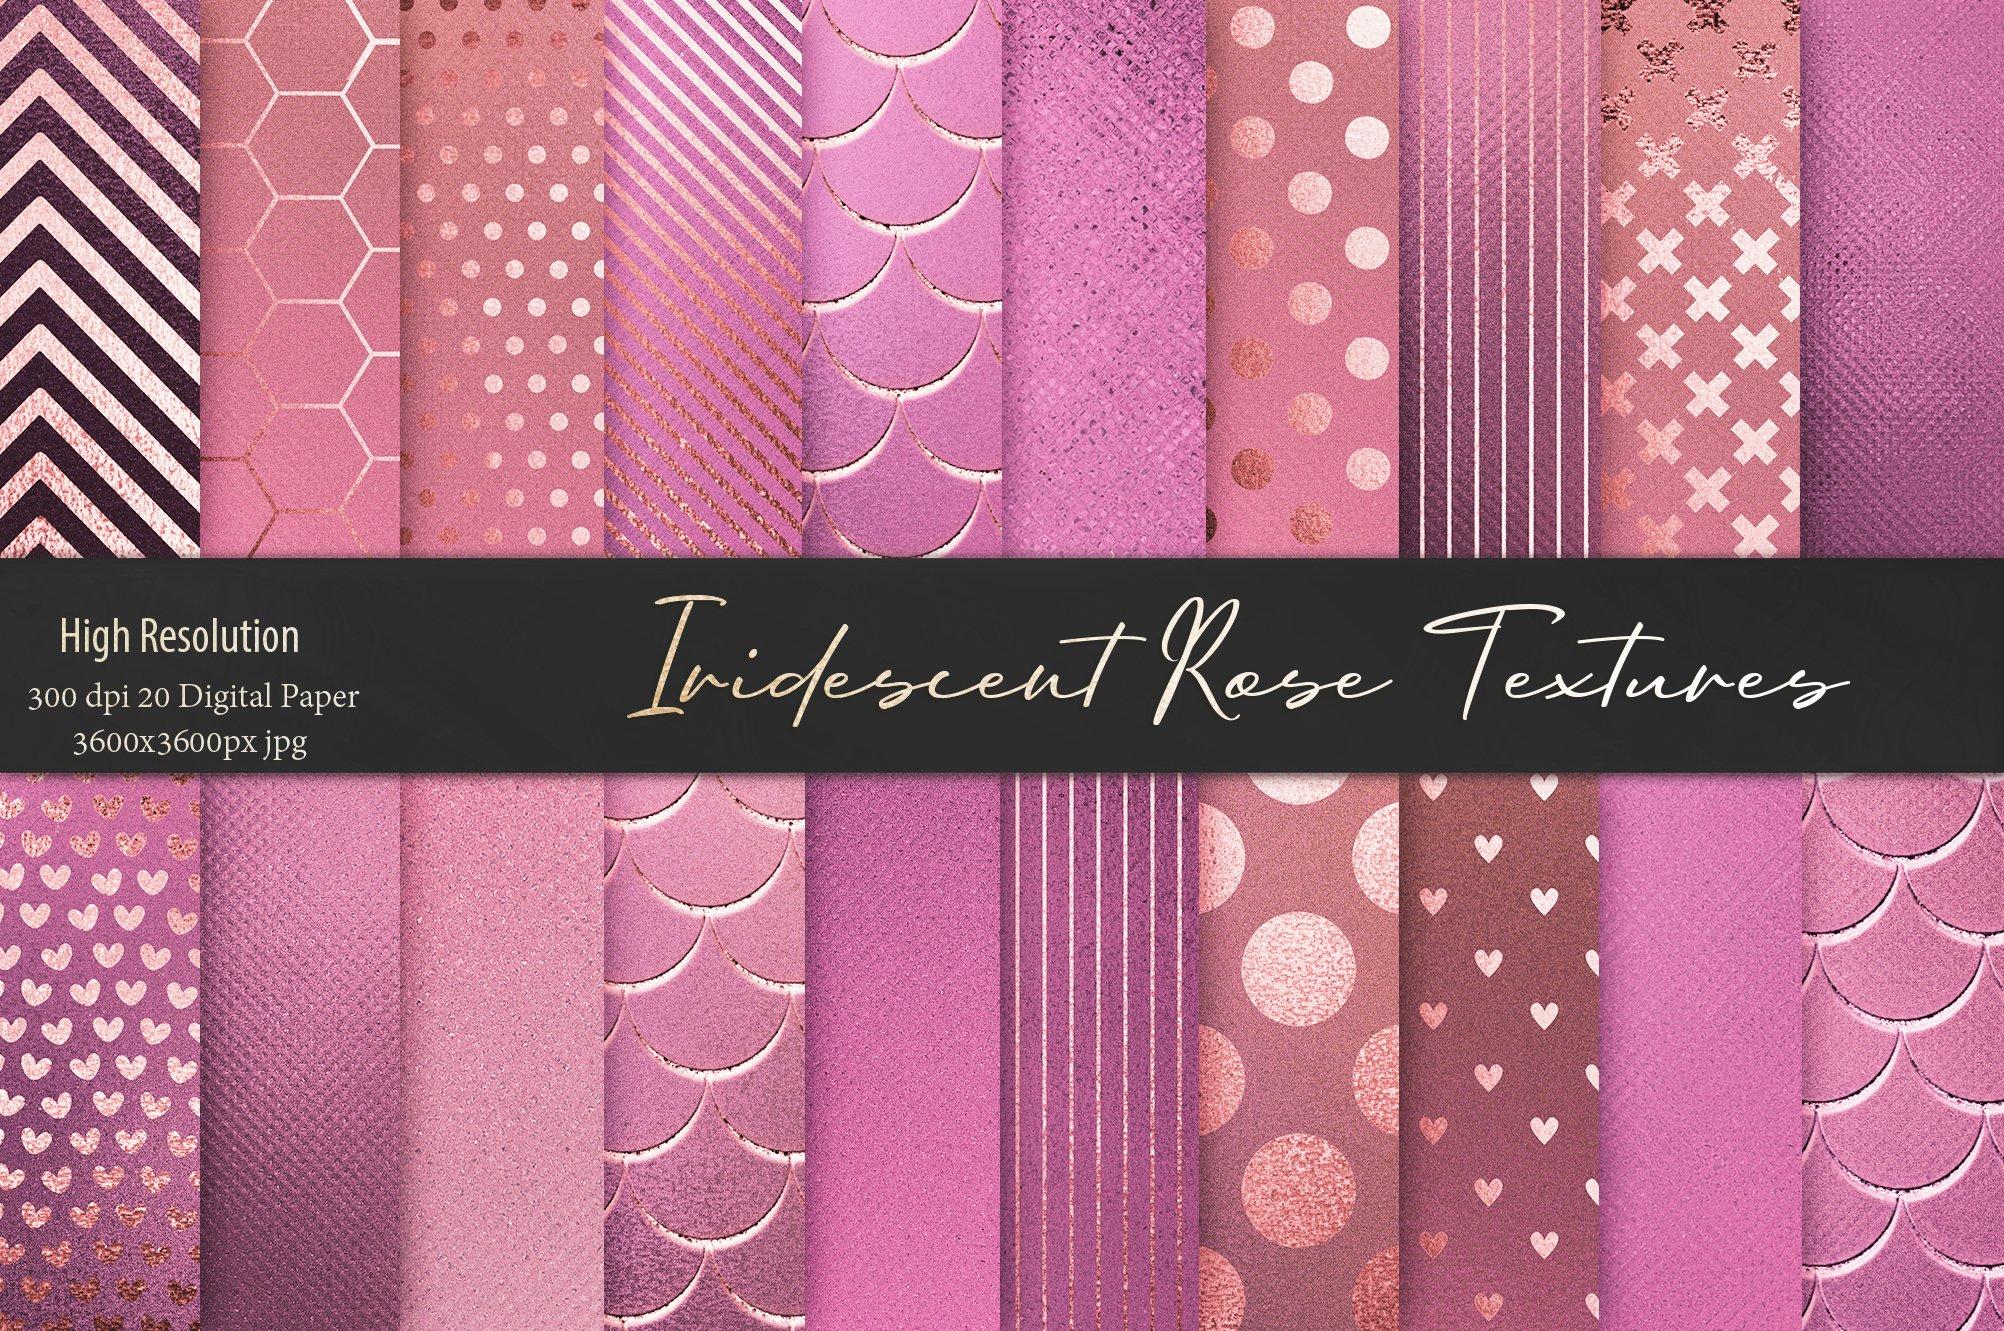 20款高清粉红色箔纸纹理海报设计背景图片素材 Iridescent Gold Pink Textures插图